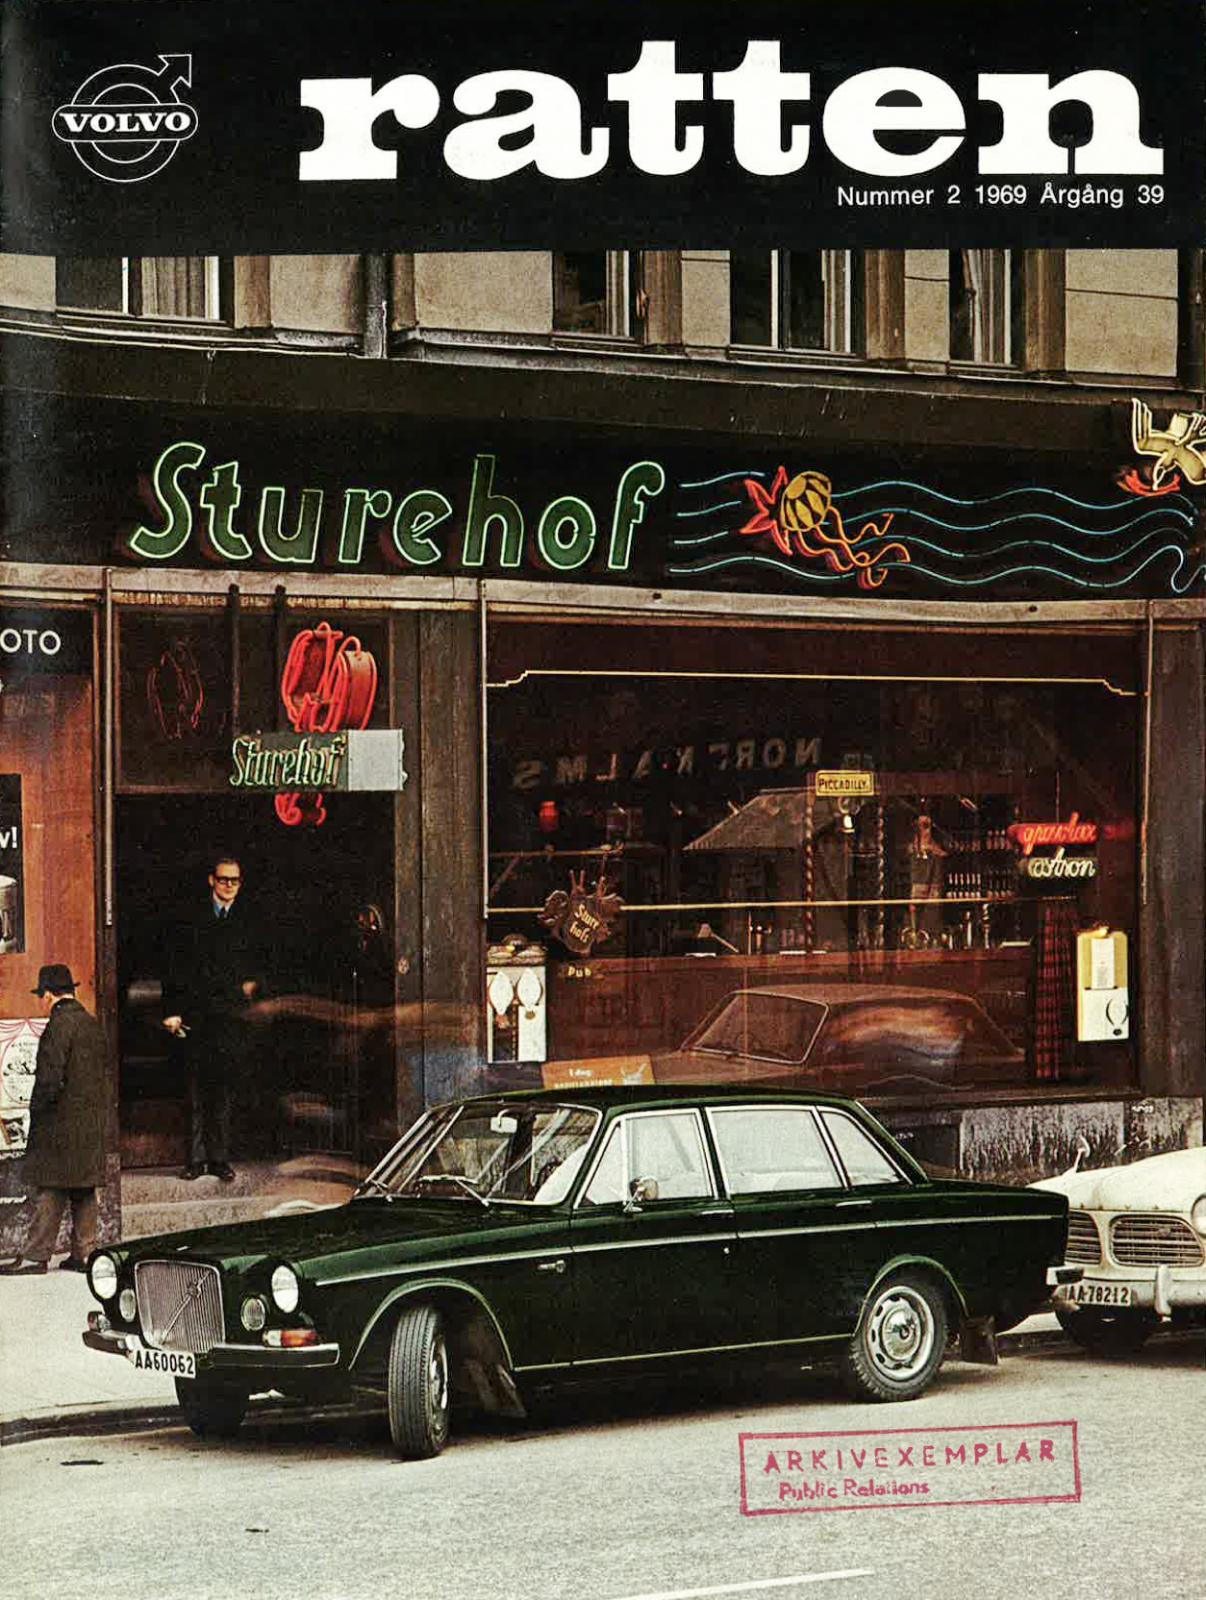 Volvo har vårdat minnet av Larson och Gabrielssons kräftmiddag på Sturehof. Här är ett exempel, ett nummer av kundtidningen Ratten 1969 där krögaren intervjuas - han körde Volvo 164.